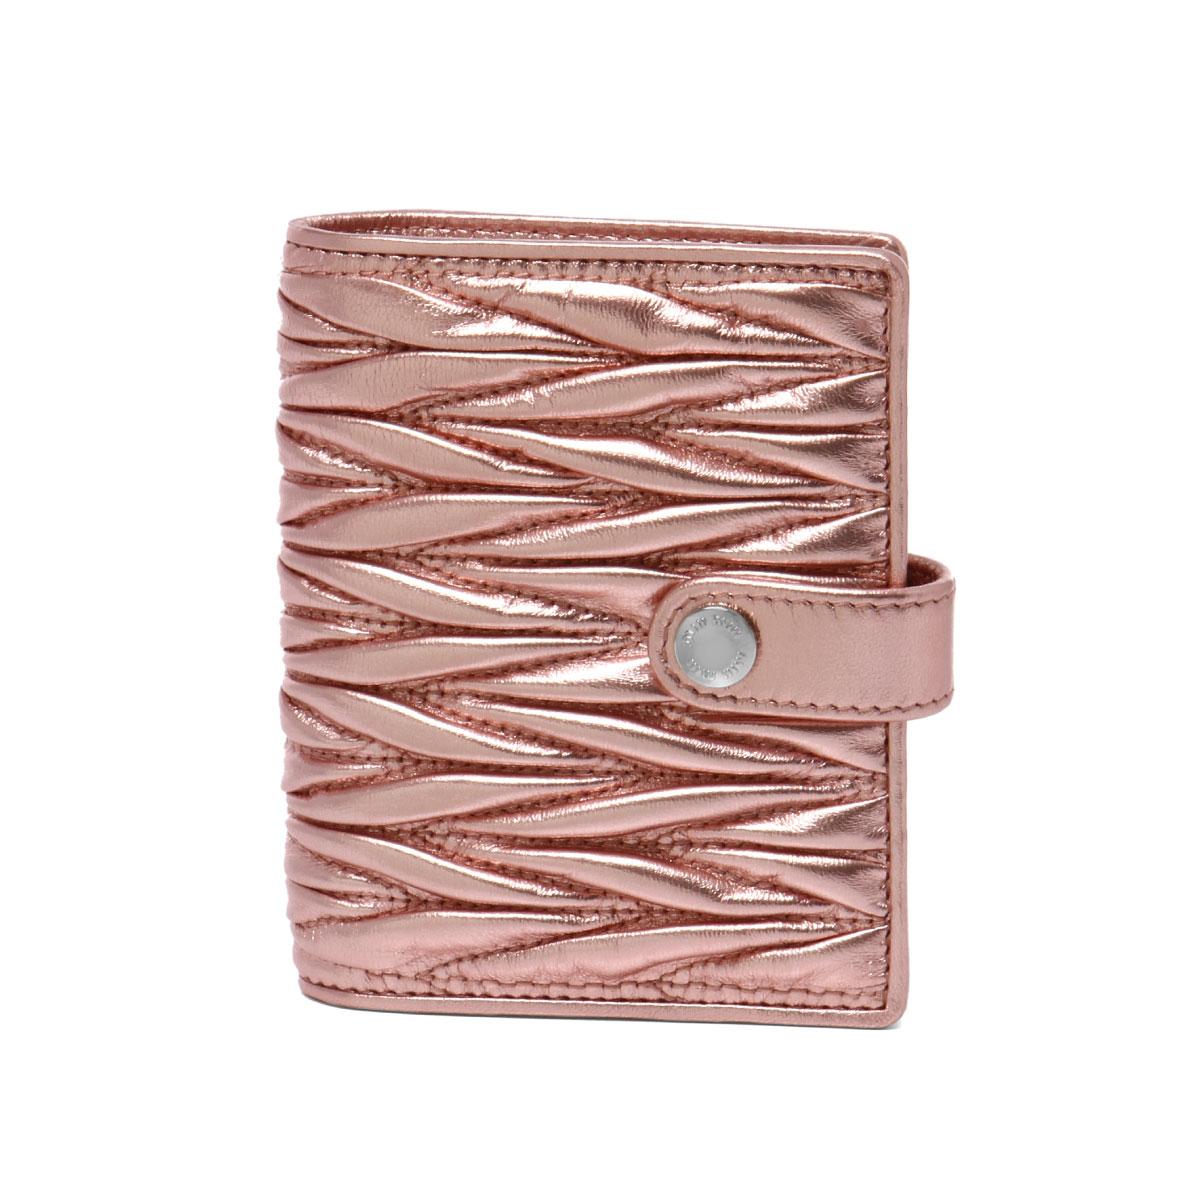 ミュウ ミュウ MIU MIU 財布 レディース 5MV016 N88 F0XDS 二つ折り財布 MATELASSE ROSA MORDORE ピンク